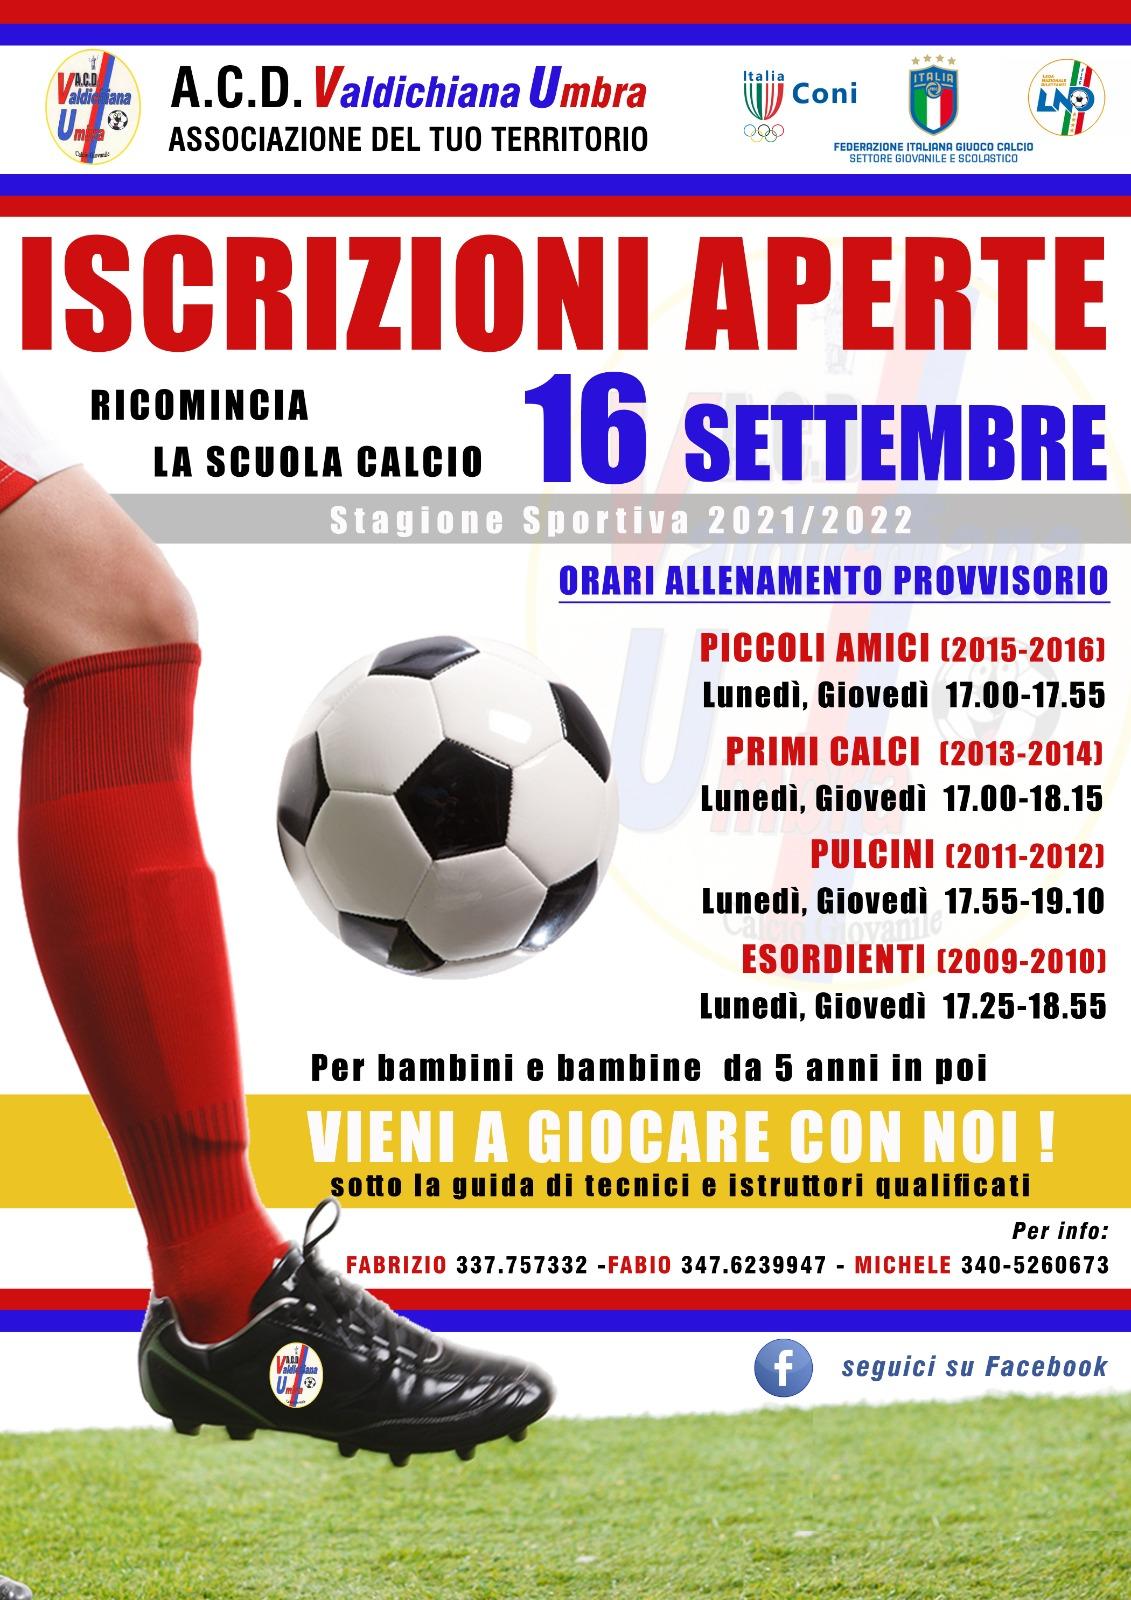 Scuola Calcio ACD Valdichiana Umbra - Aperte le Iscrizioni